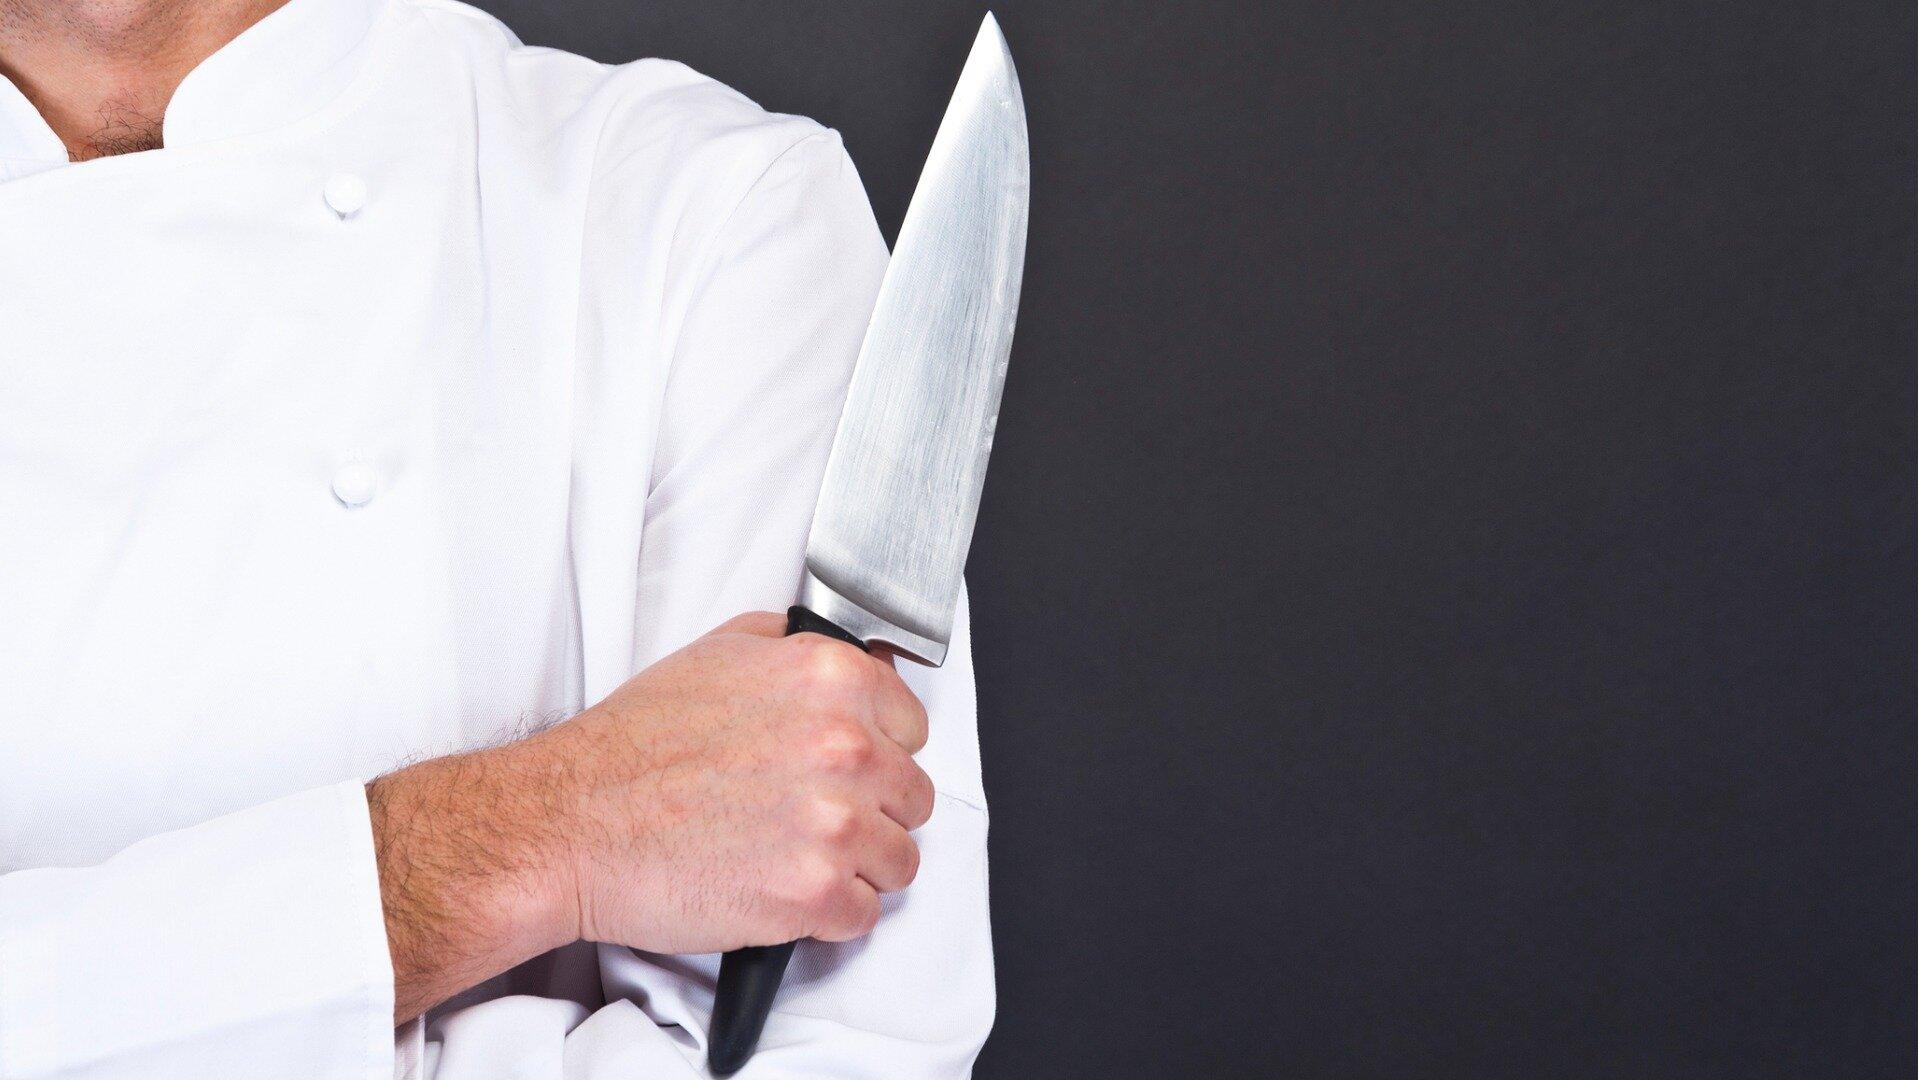 Jak pielęgnować profesjonalne noże gastronomiczne?